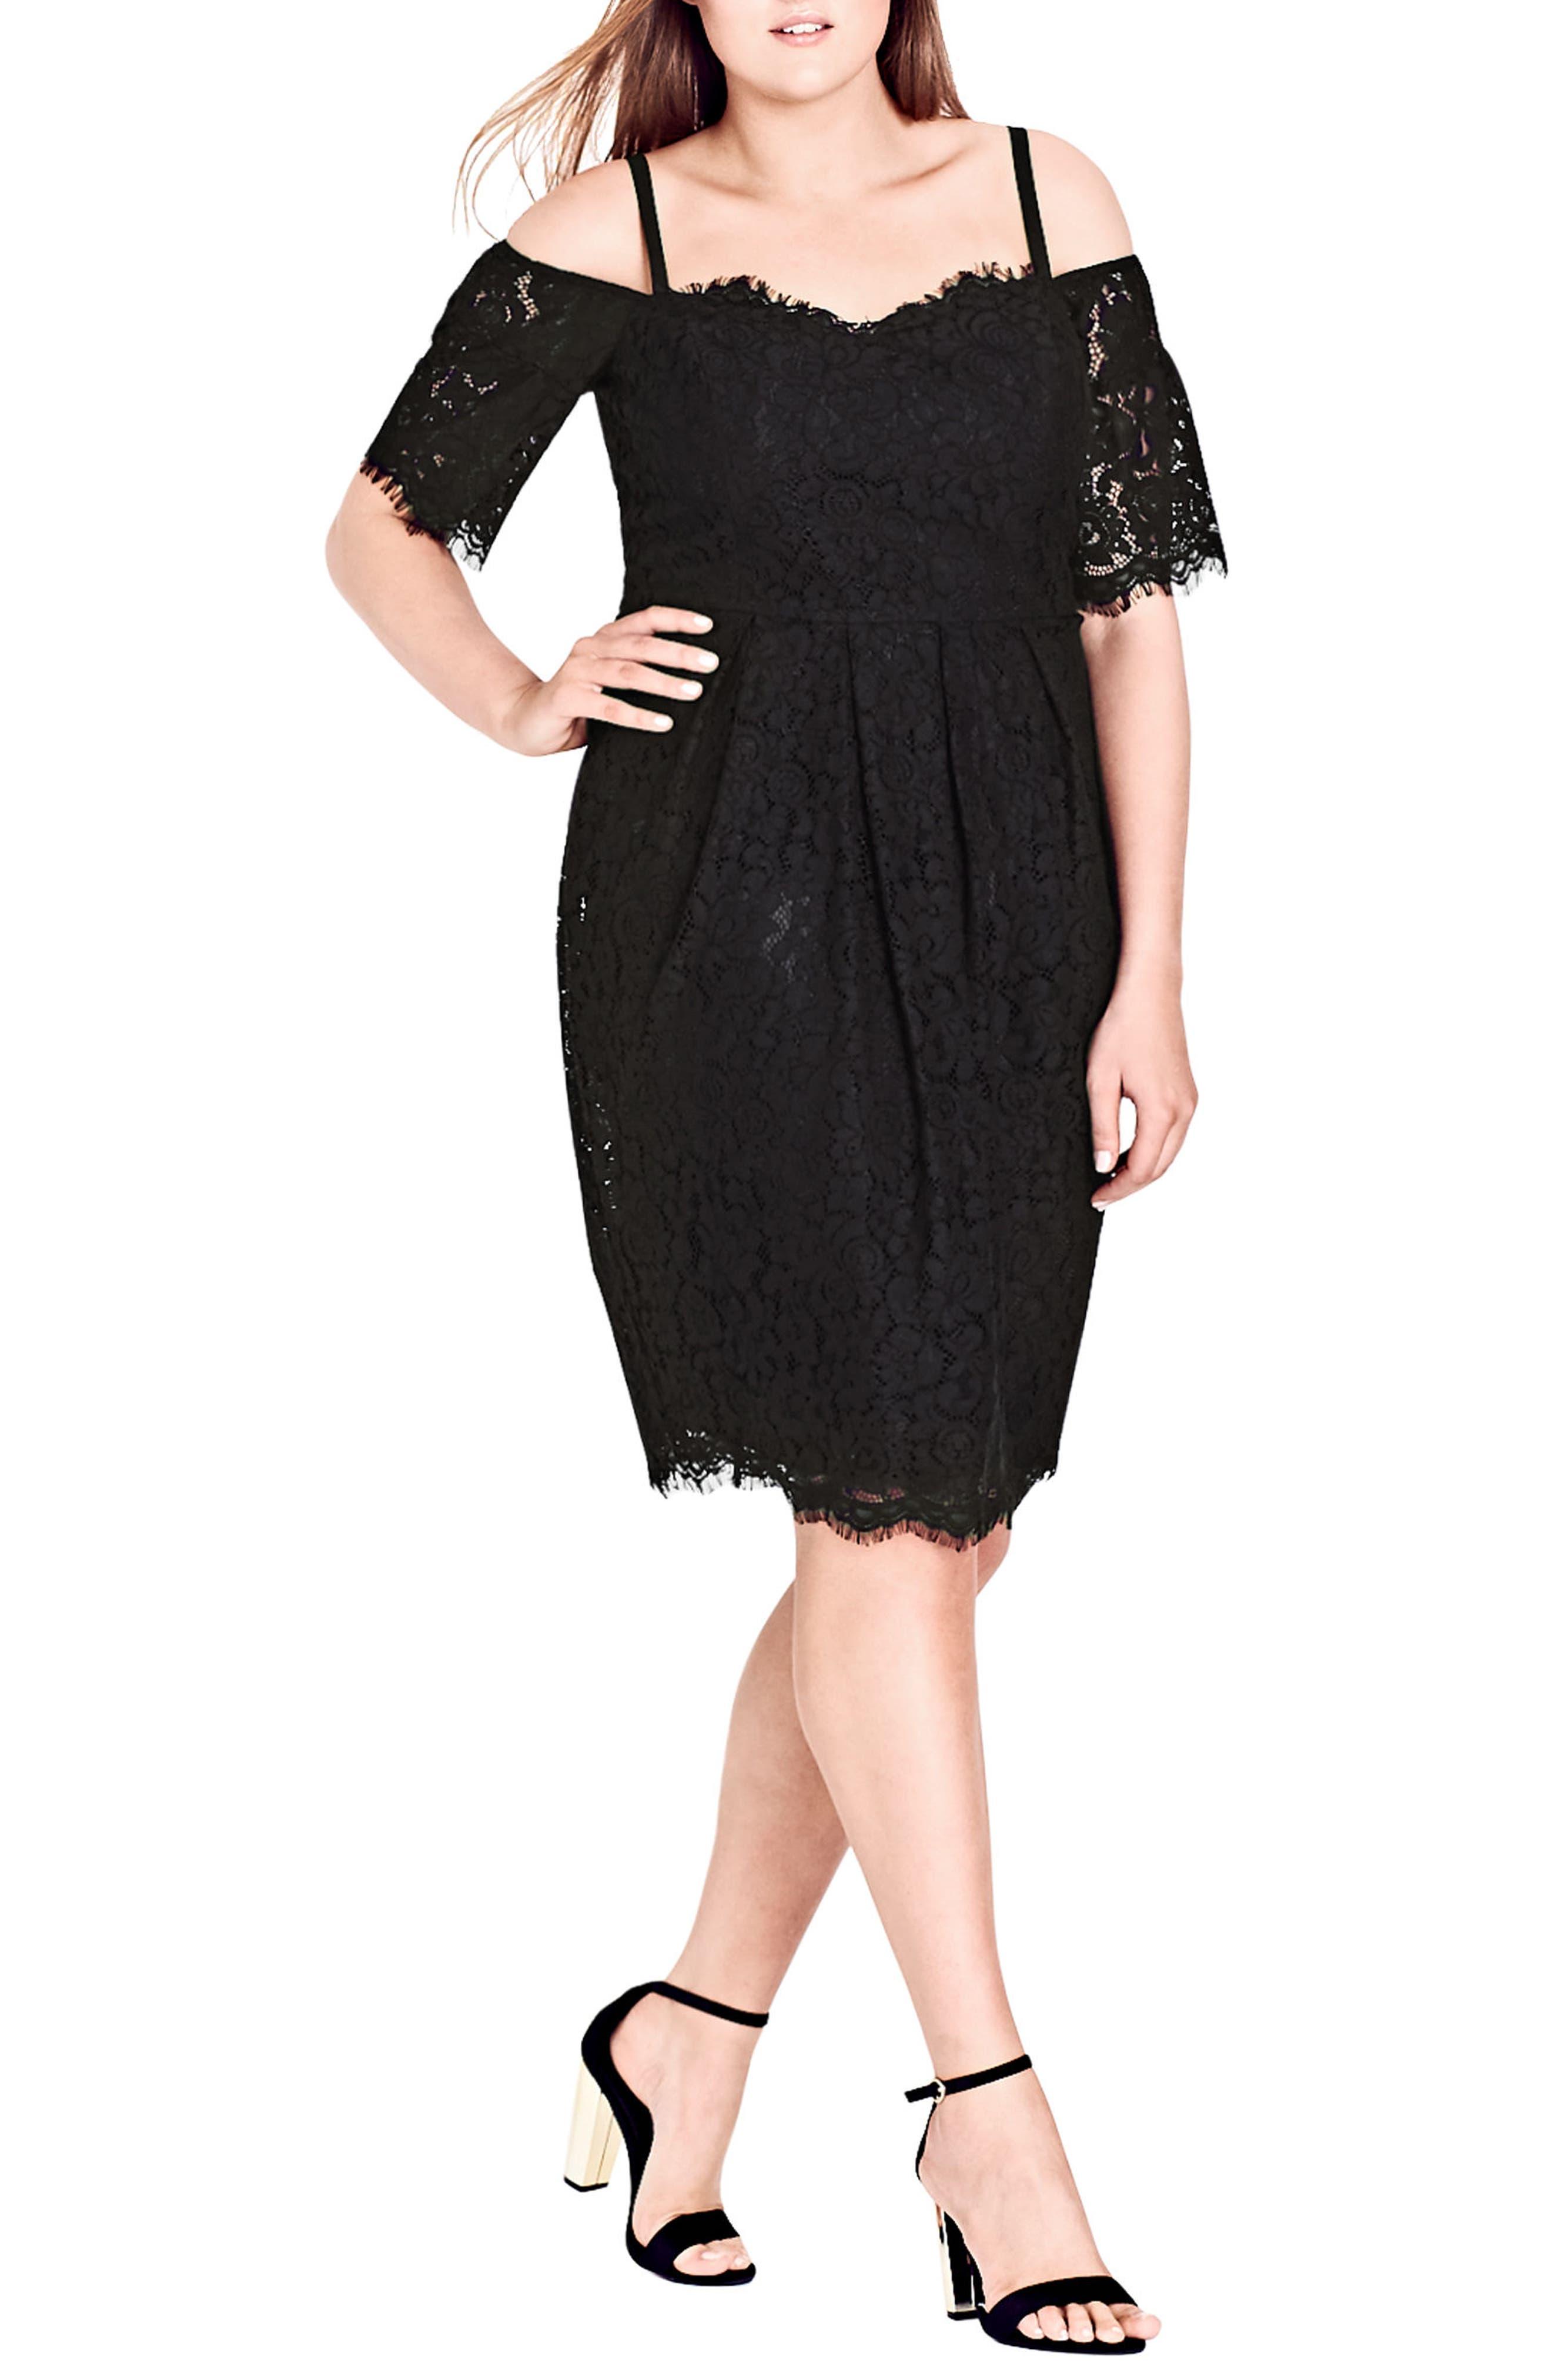 Amour Cold Shoulder Lace Sheath Dress,                         Main,                         color, Black